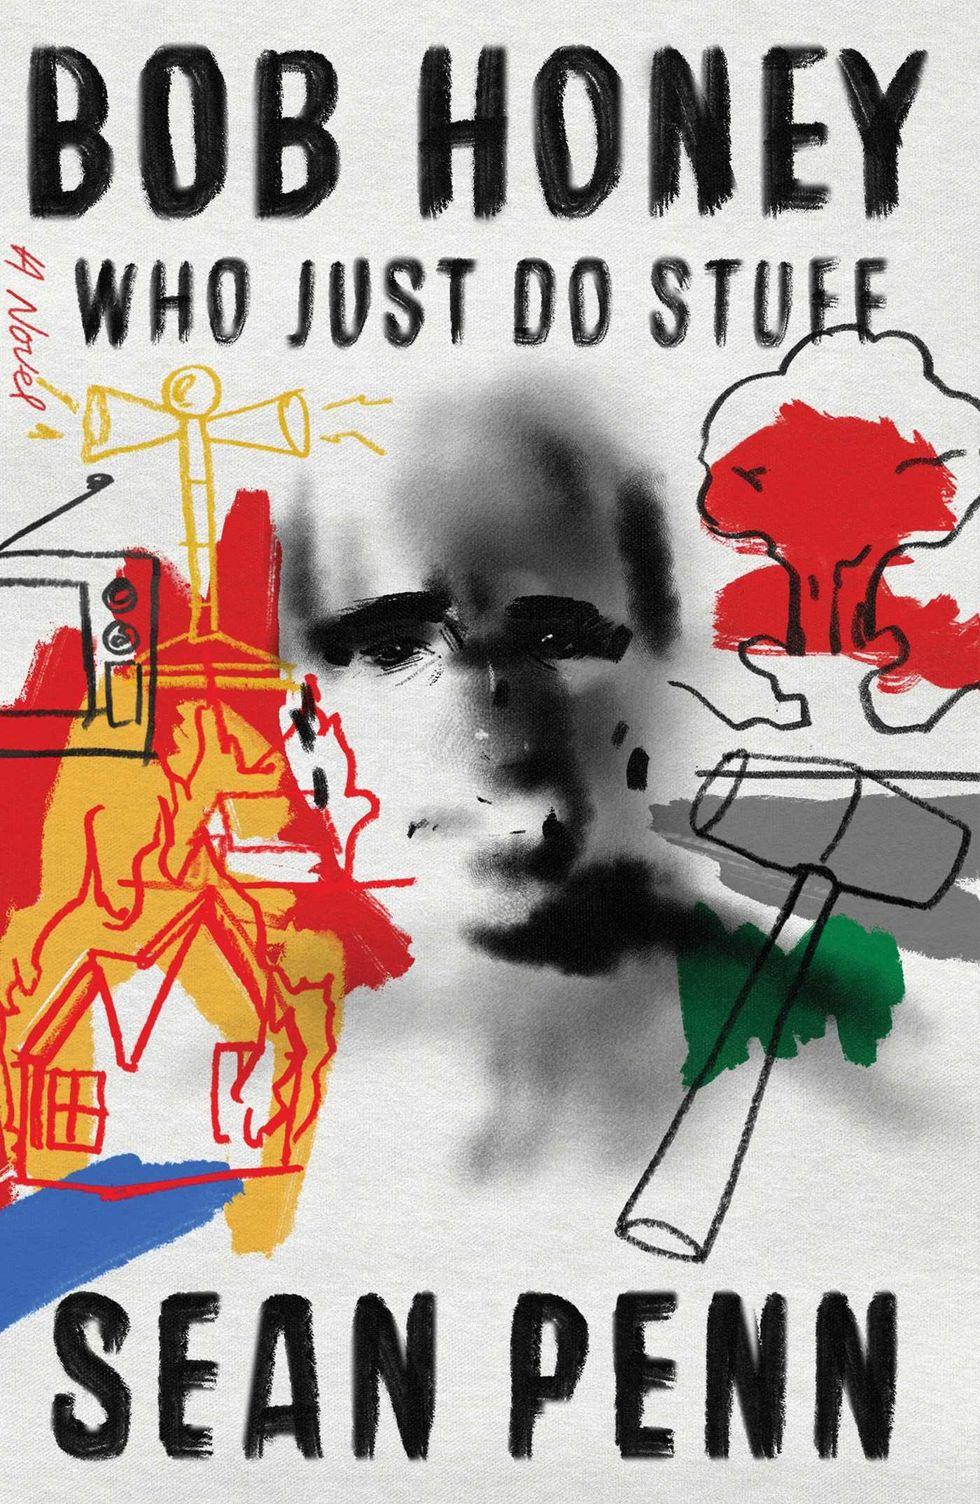 http://www.simonandschuster.com/books/Bob-Honey-Who-Just-Do-Stuff/Sean-Penn/9781501189043